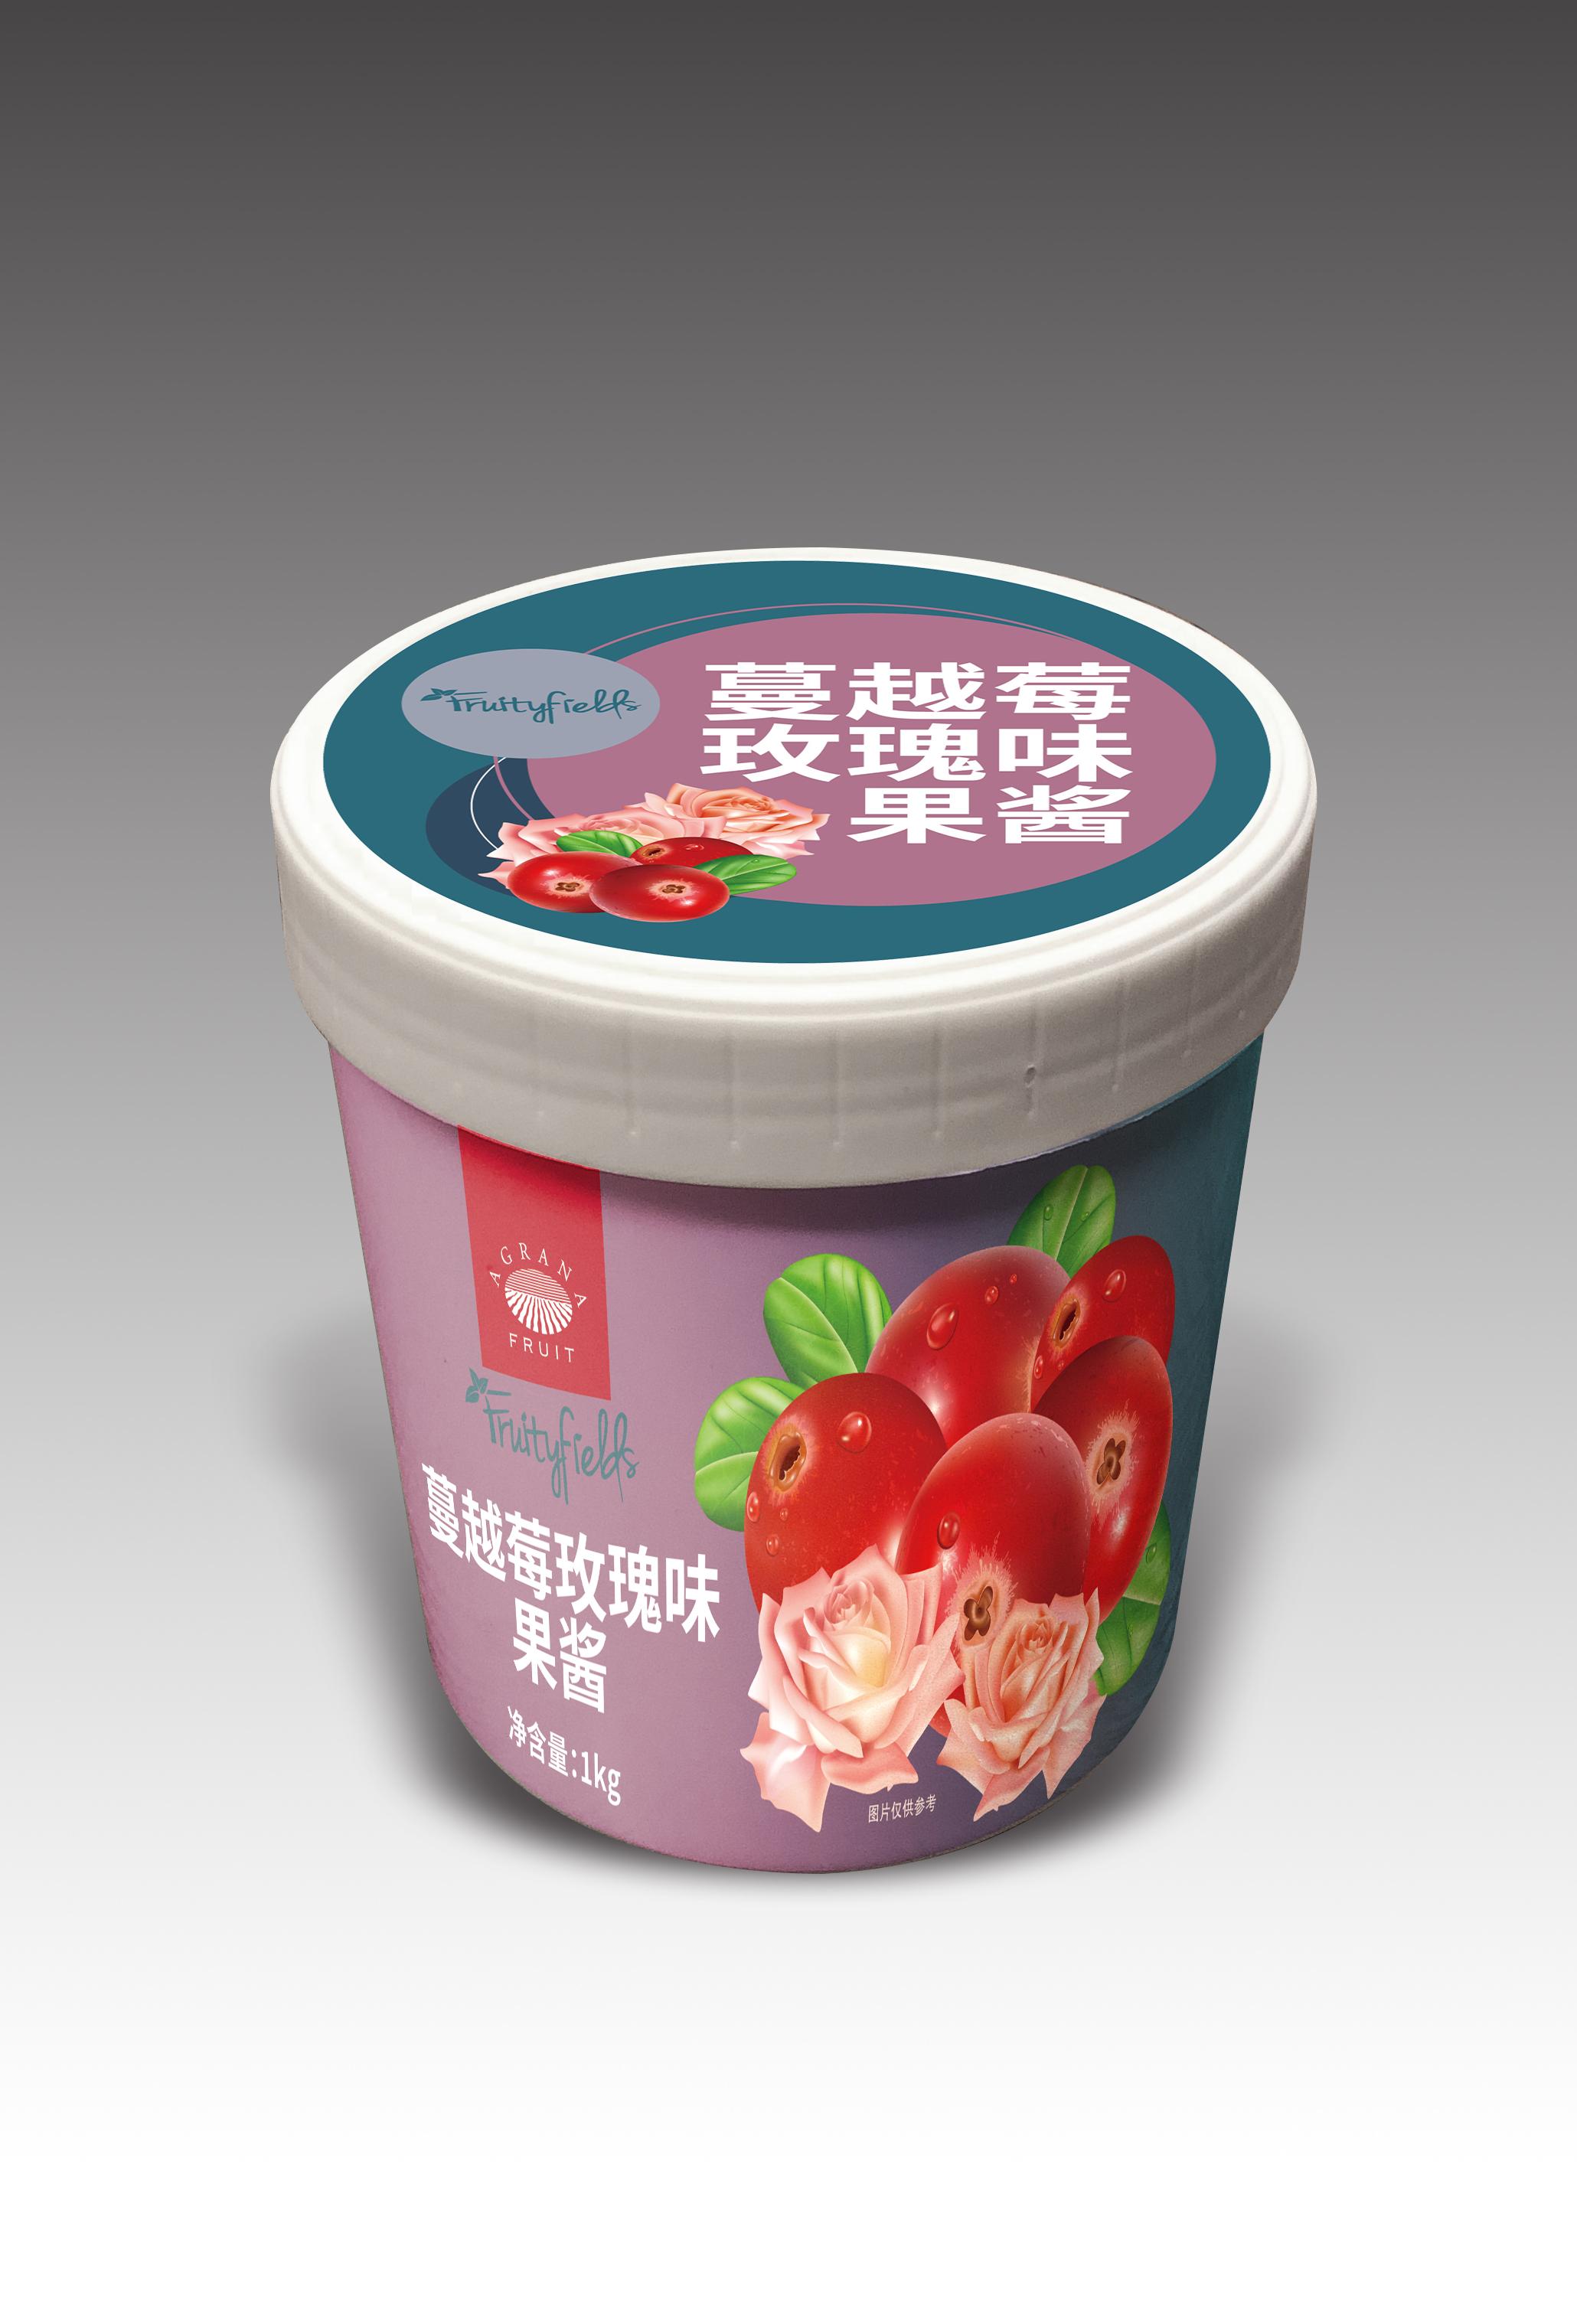 阿果安娜花果季 蔓越莓玫瑰果酱 果泥奶茶果汁饮品原料1kg 包邮